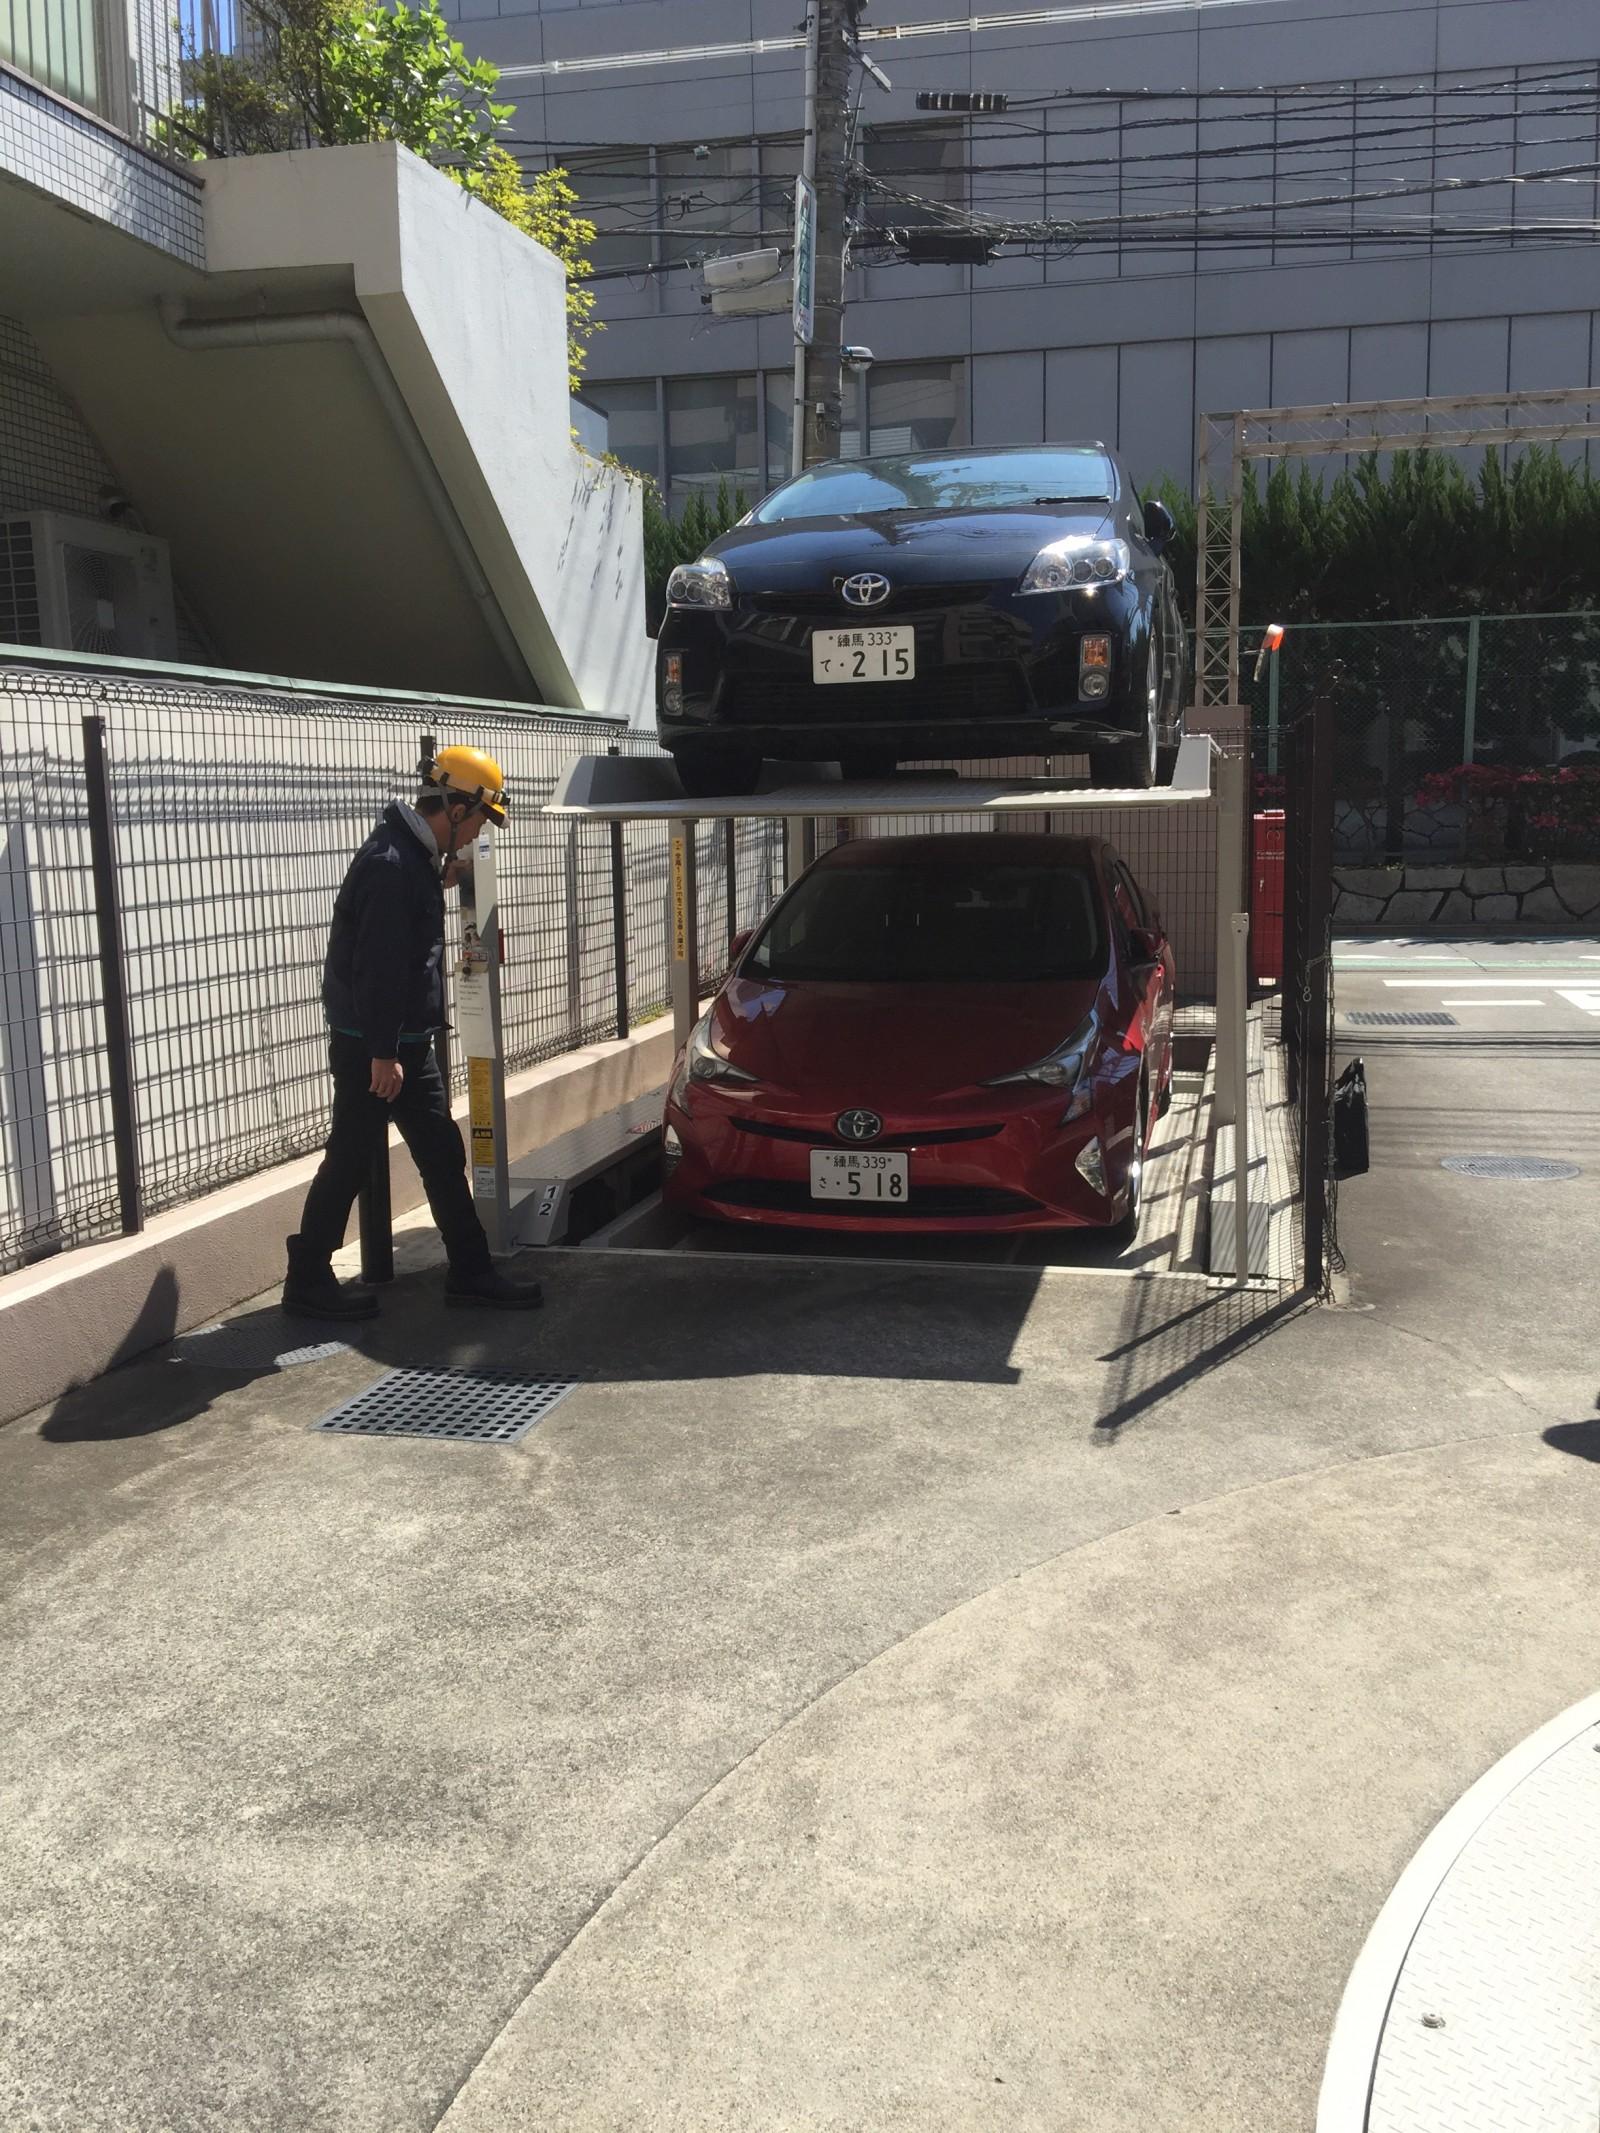 Parking xe cho 1 gia đình ( xe đang được nâng lên,hạ xuống ) : từ 1 chỗ chỉ đỗ được 1 xe ,có thể đỗ được đến 3 xe.